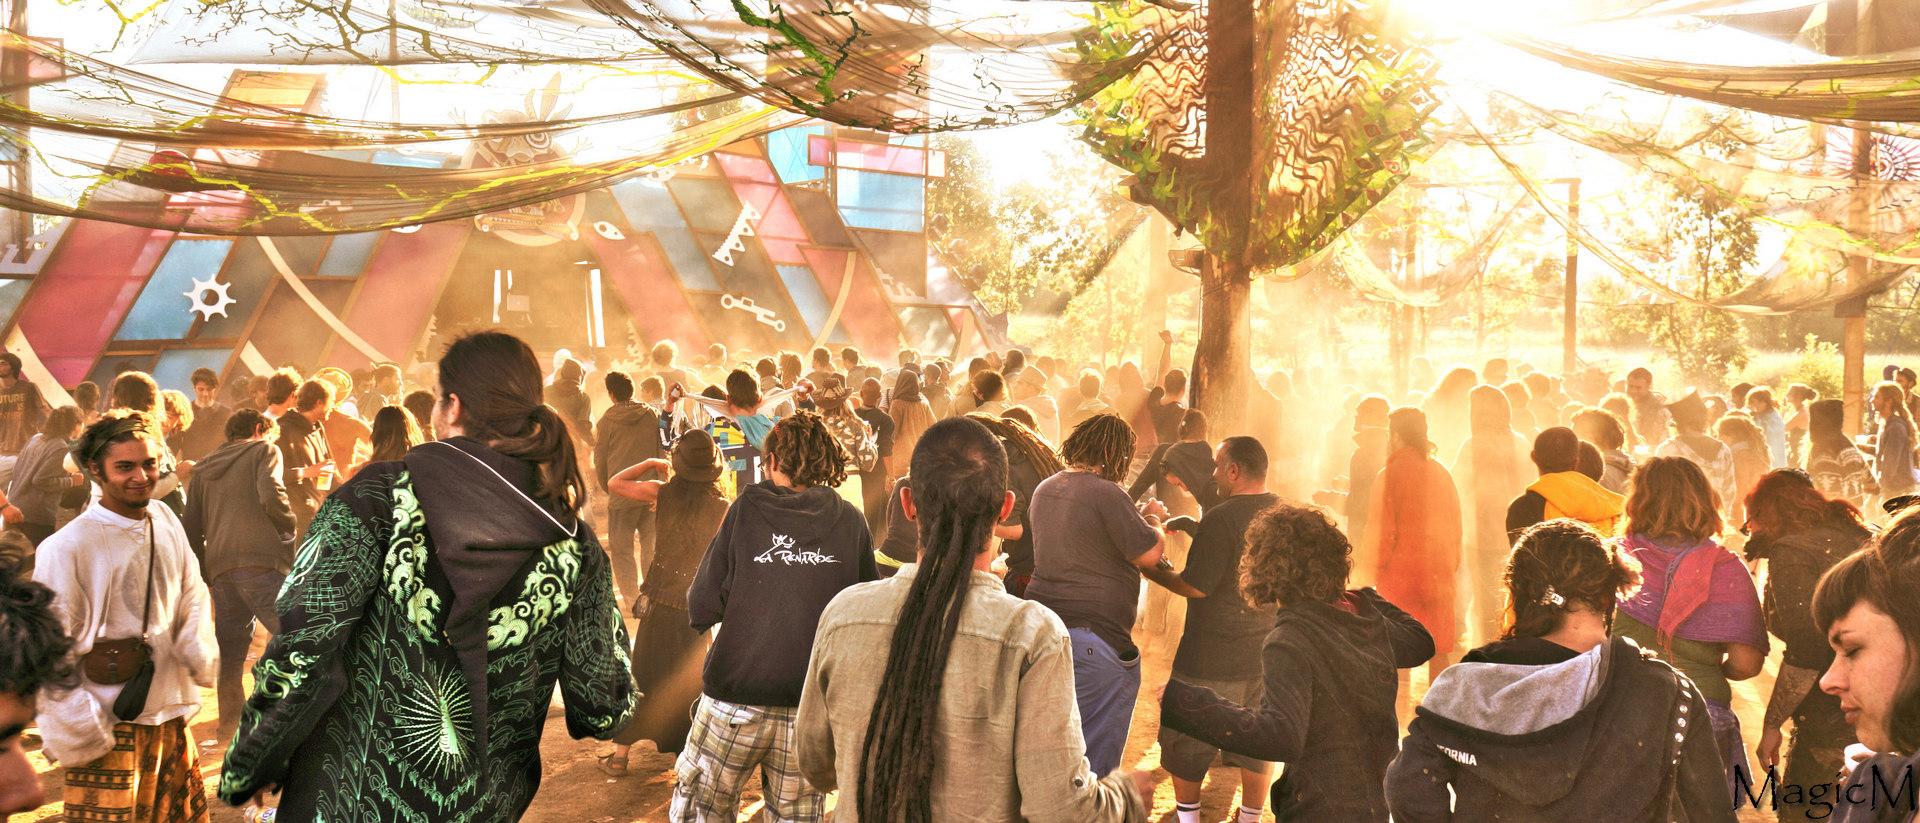 פסטיבל לוסט ט'יאורי ספרד